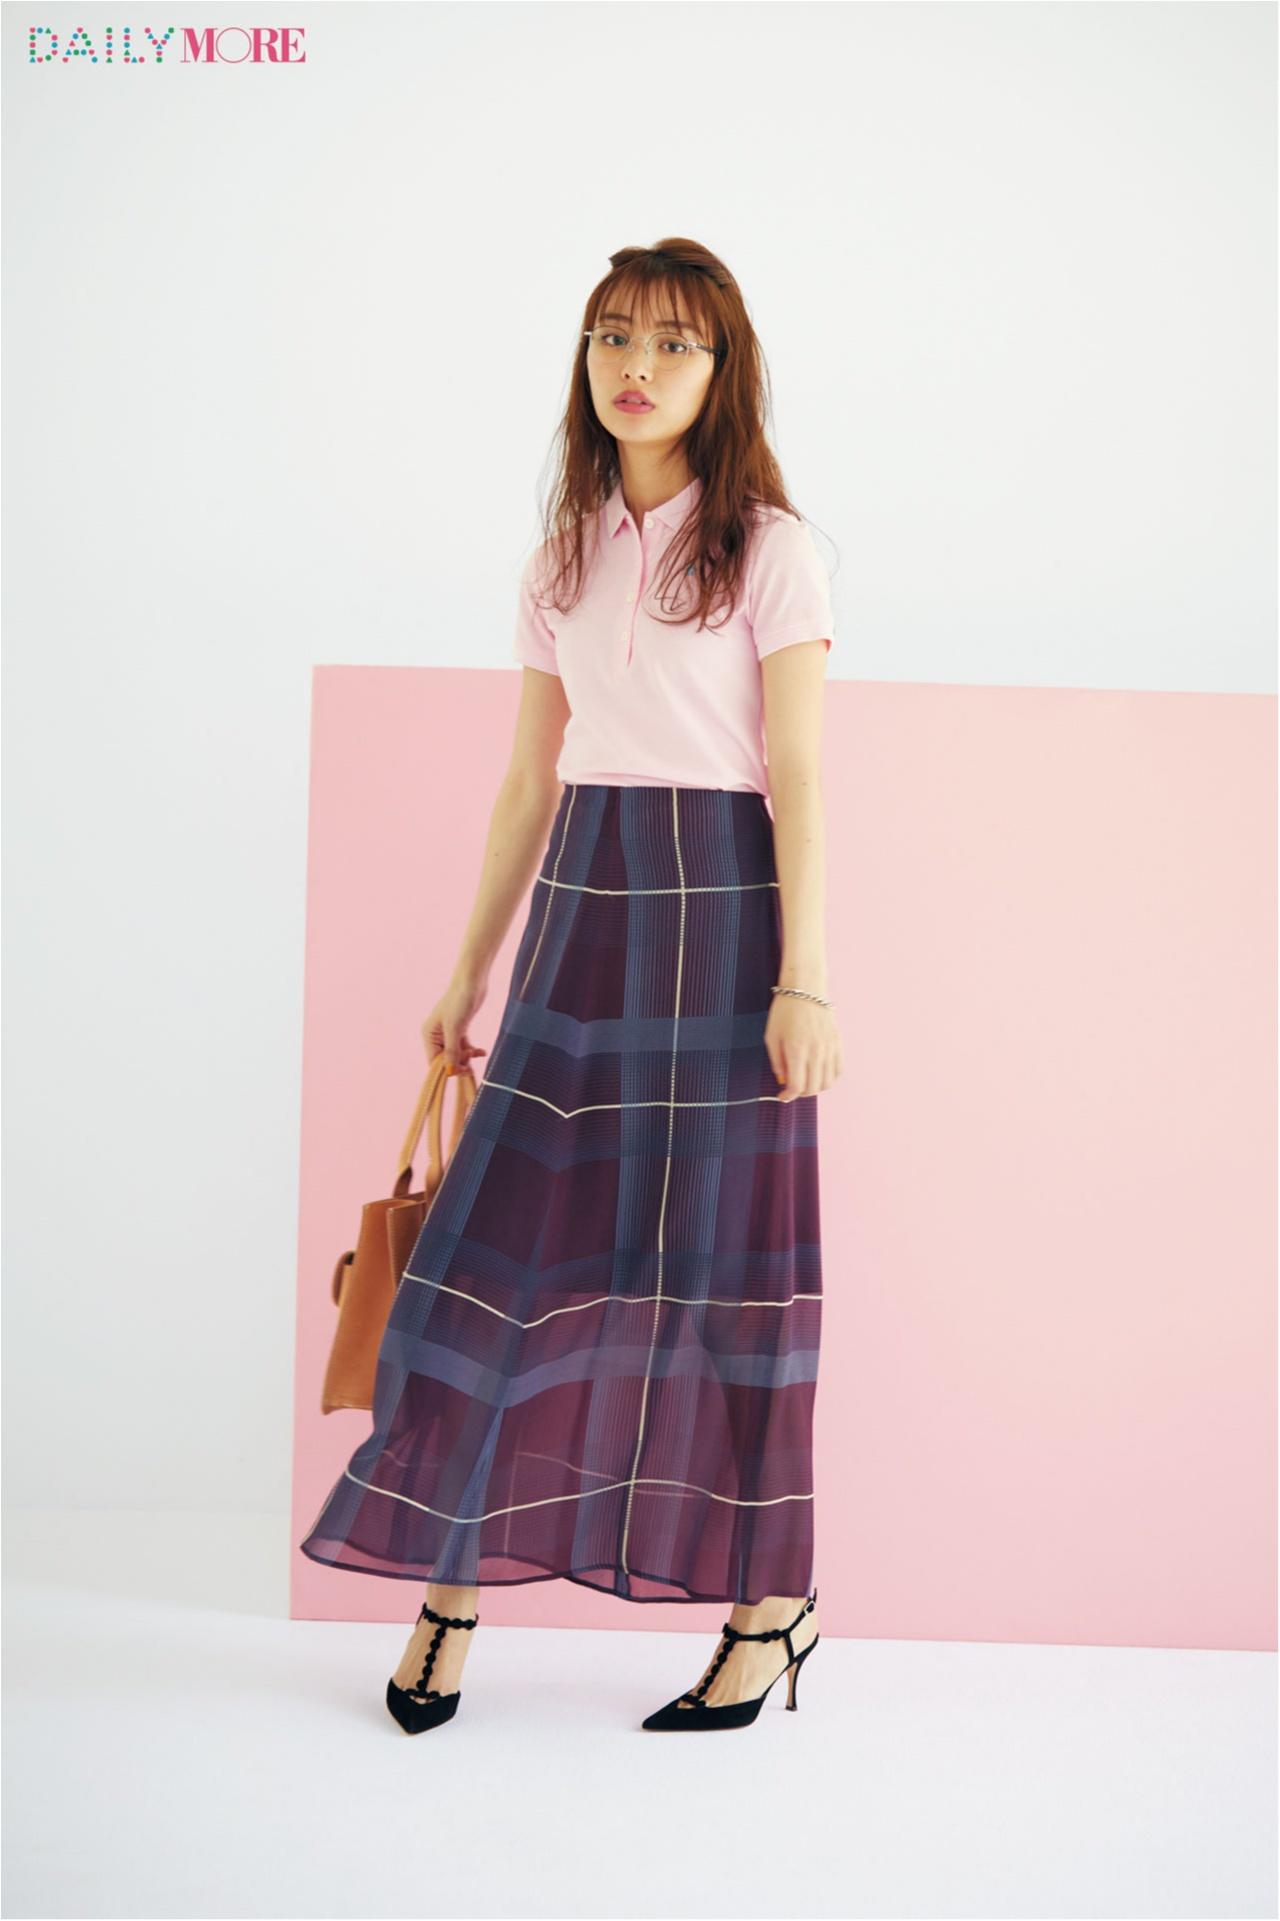 【今日のコーデ/内田理央】この夏着たいピンクのポロシャツ。×マキシスカートでモテを意識して!_1